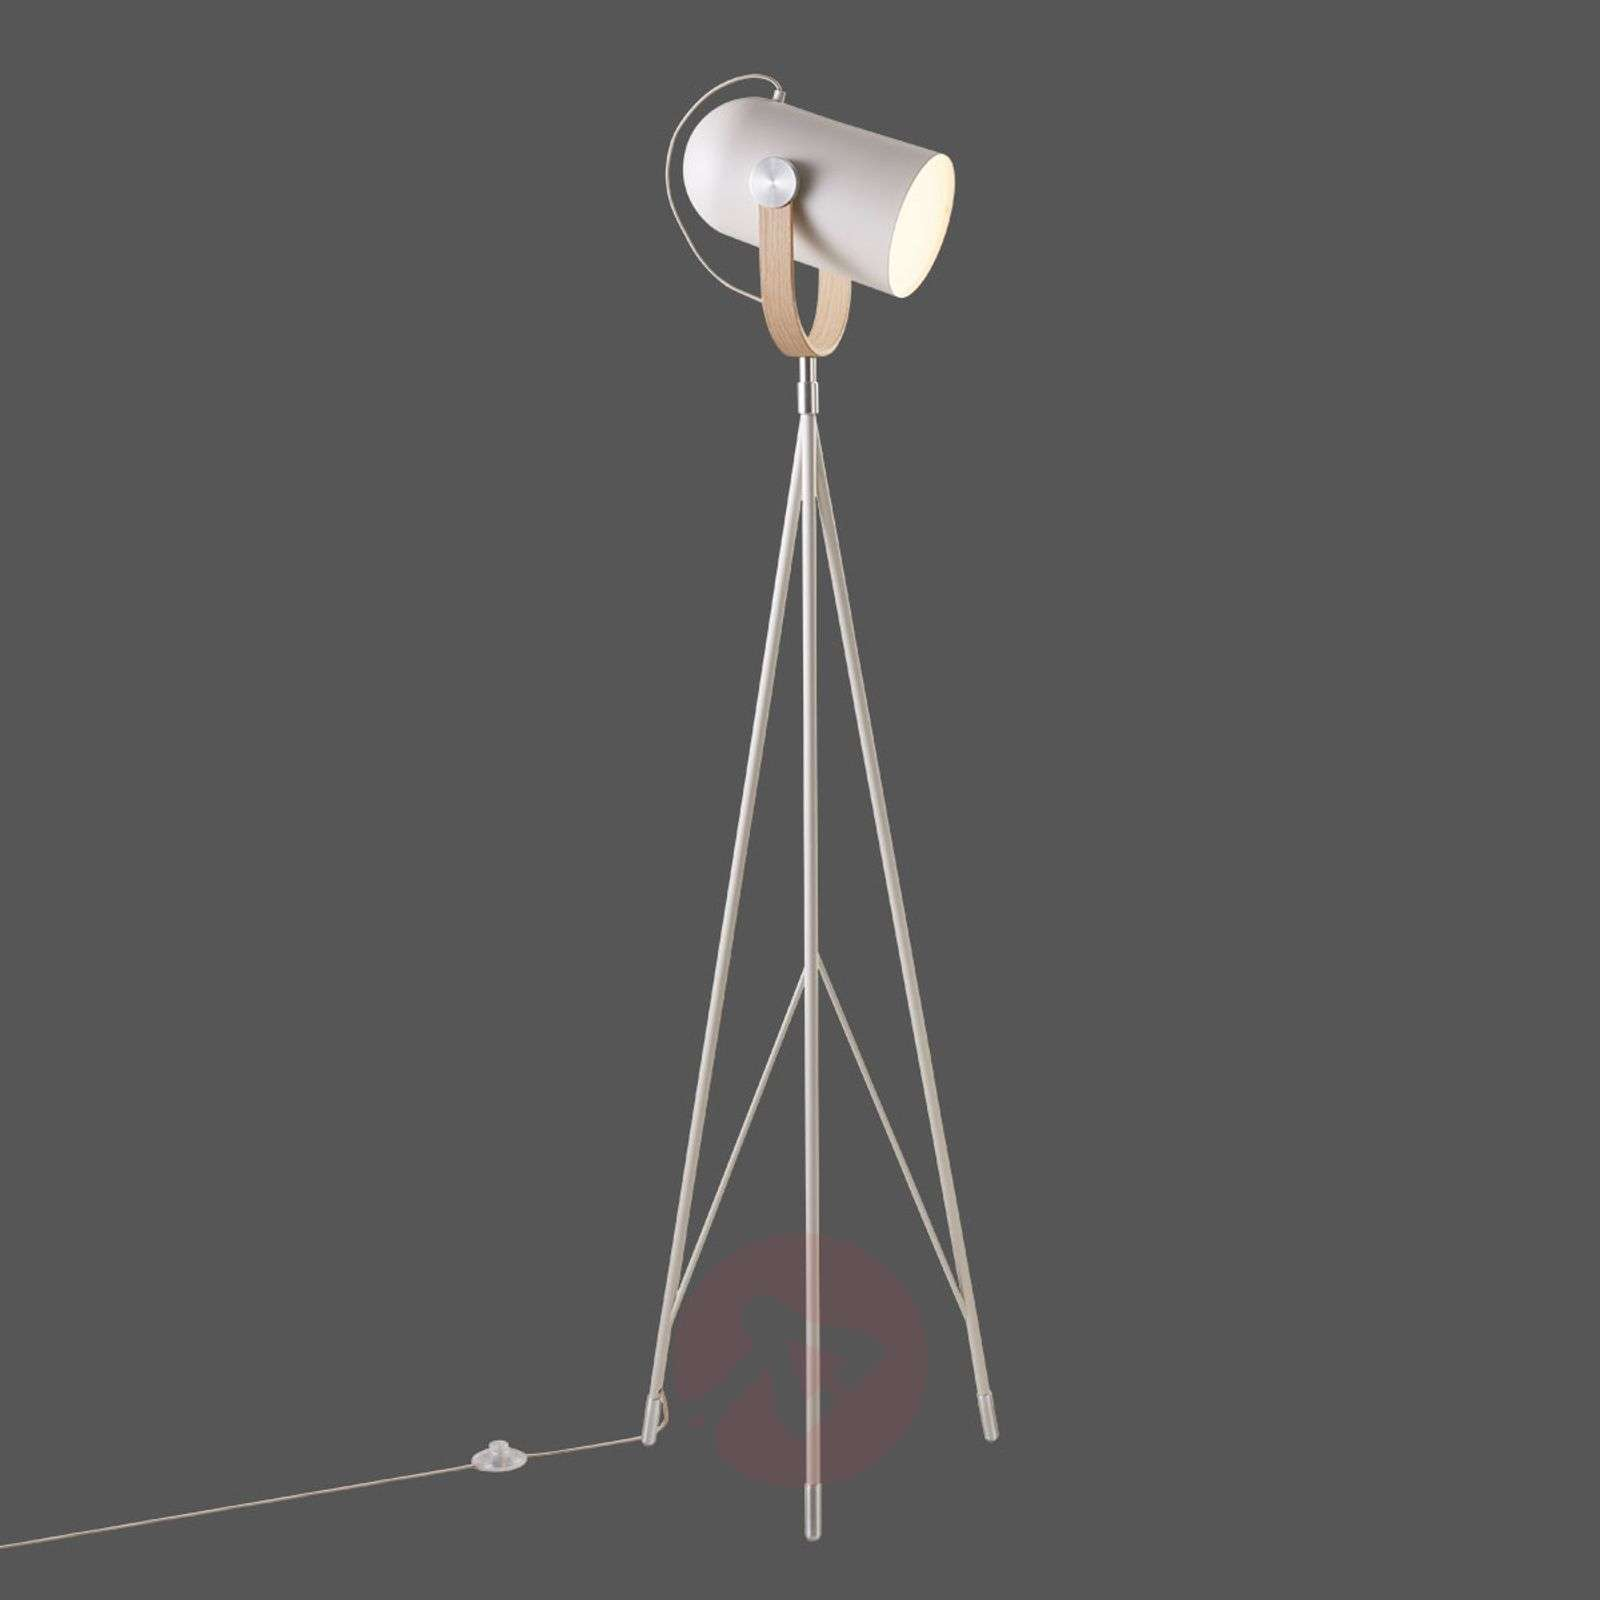 LE KLINT Carronade high floor lamp, sandy-coloured-6086102-01